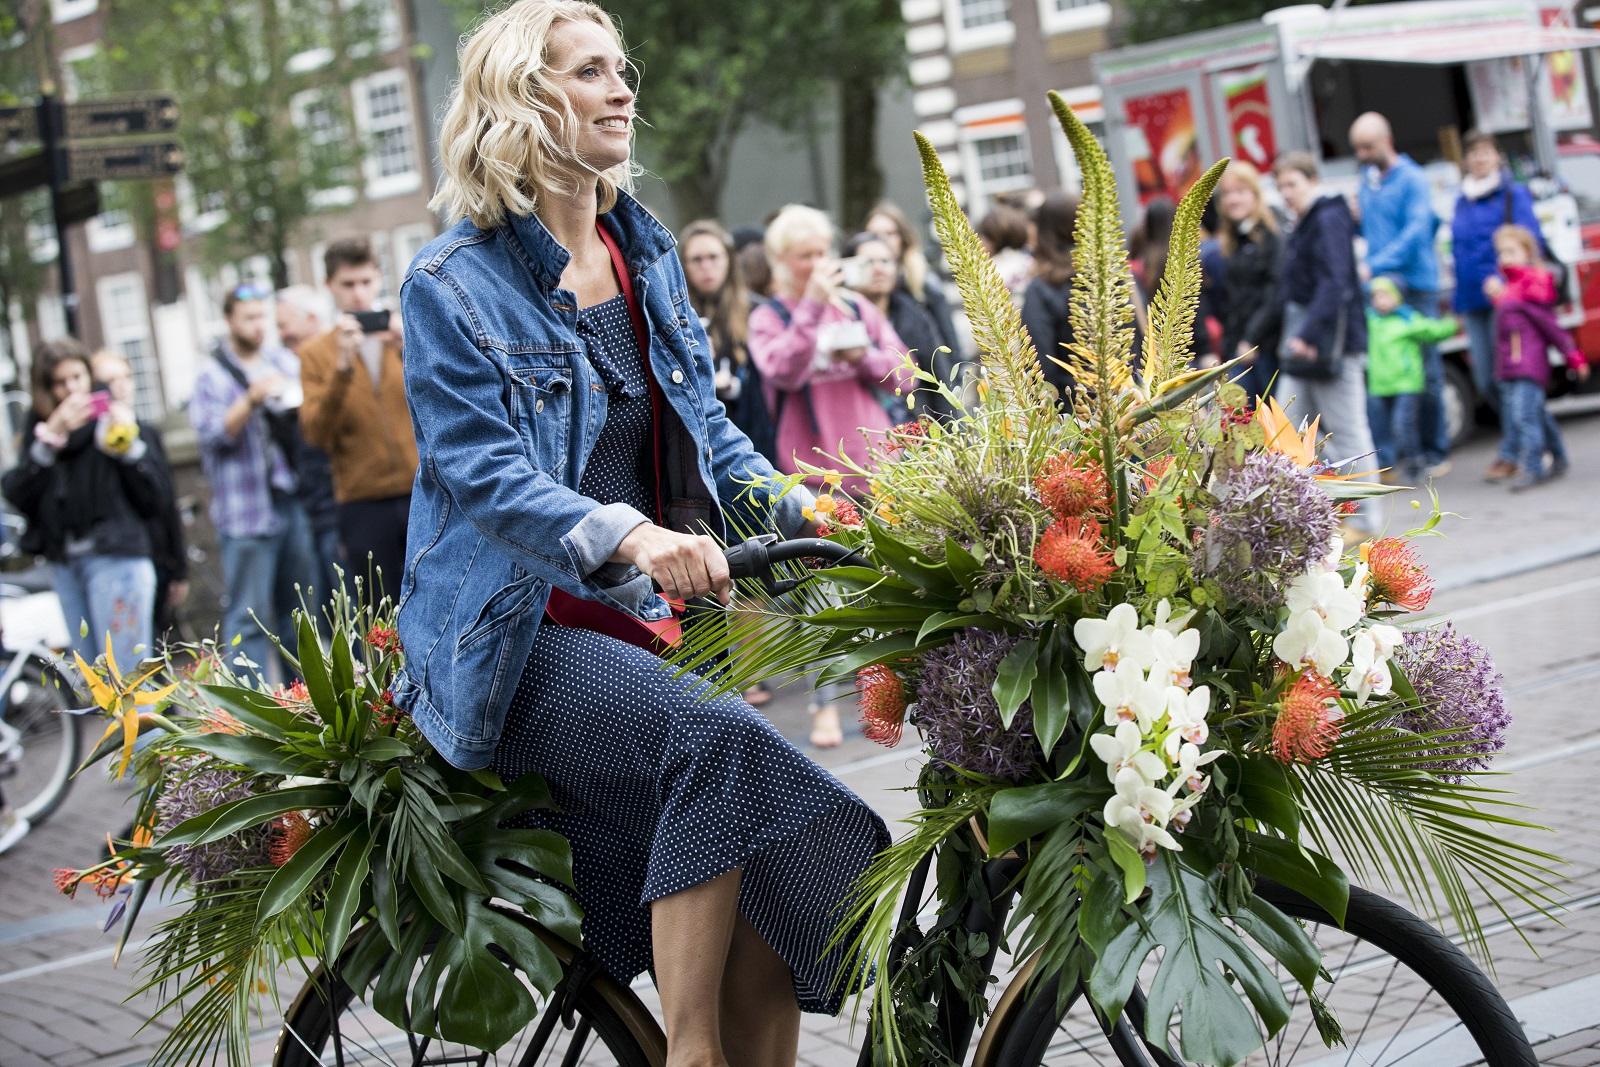 """""""كيمبتون دي ويت"""" يطلق حملةً في شوارع المدينة لتزيين الدراجات الهوائية بالأزهار"""